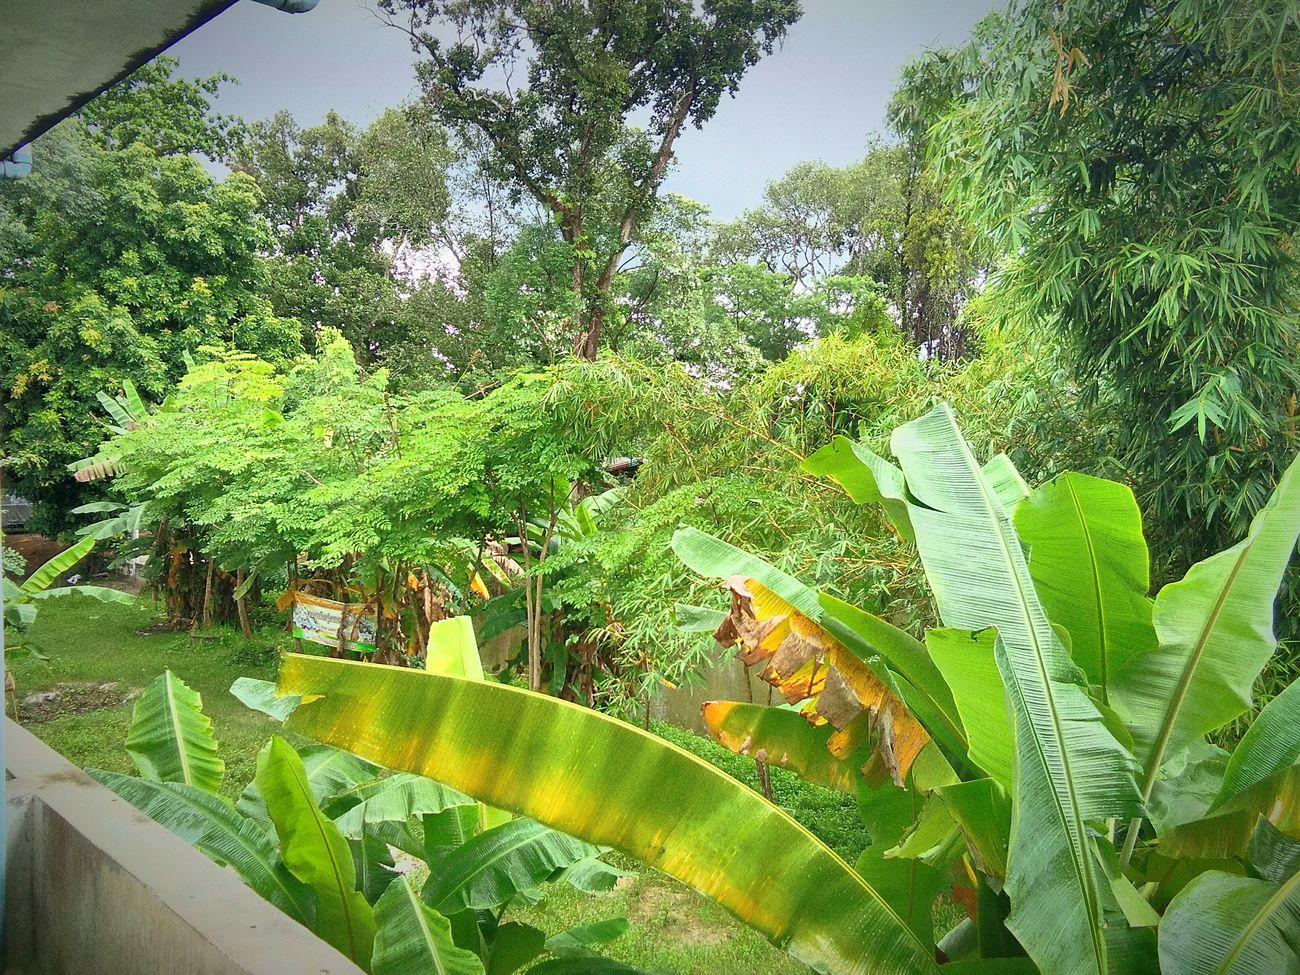 การได้อยู่กับธรรมชาติ มันก็ดีนะ ไม่วุ่นวายดี สงบทำให้เรารู้สึกผ่อนคลาย ธรรมชาติที่รัก